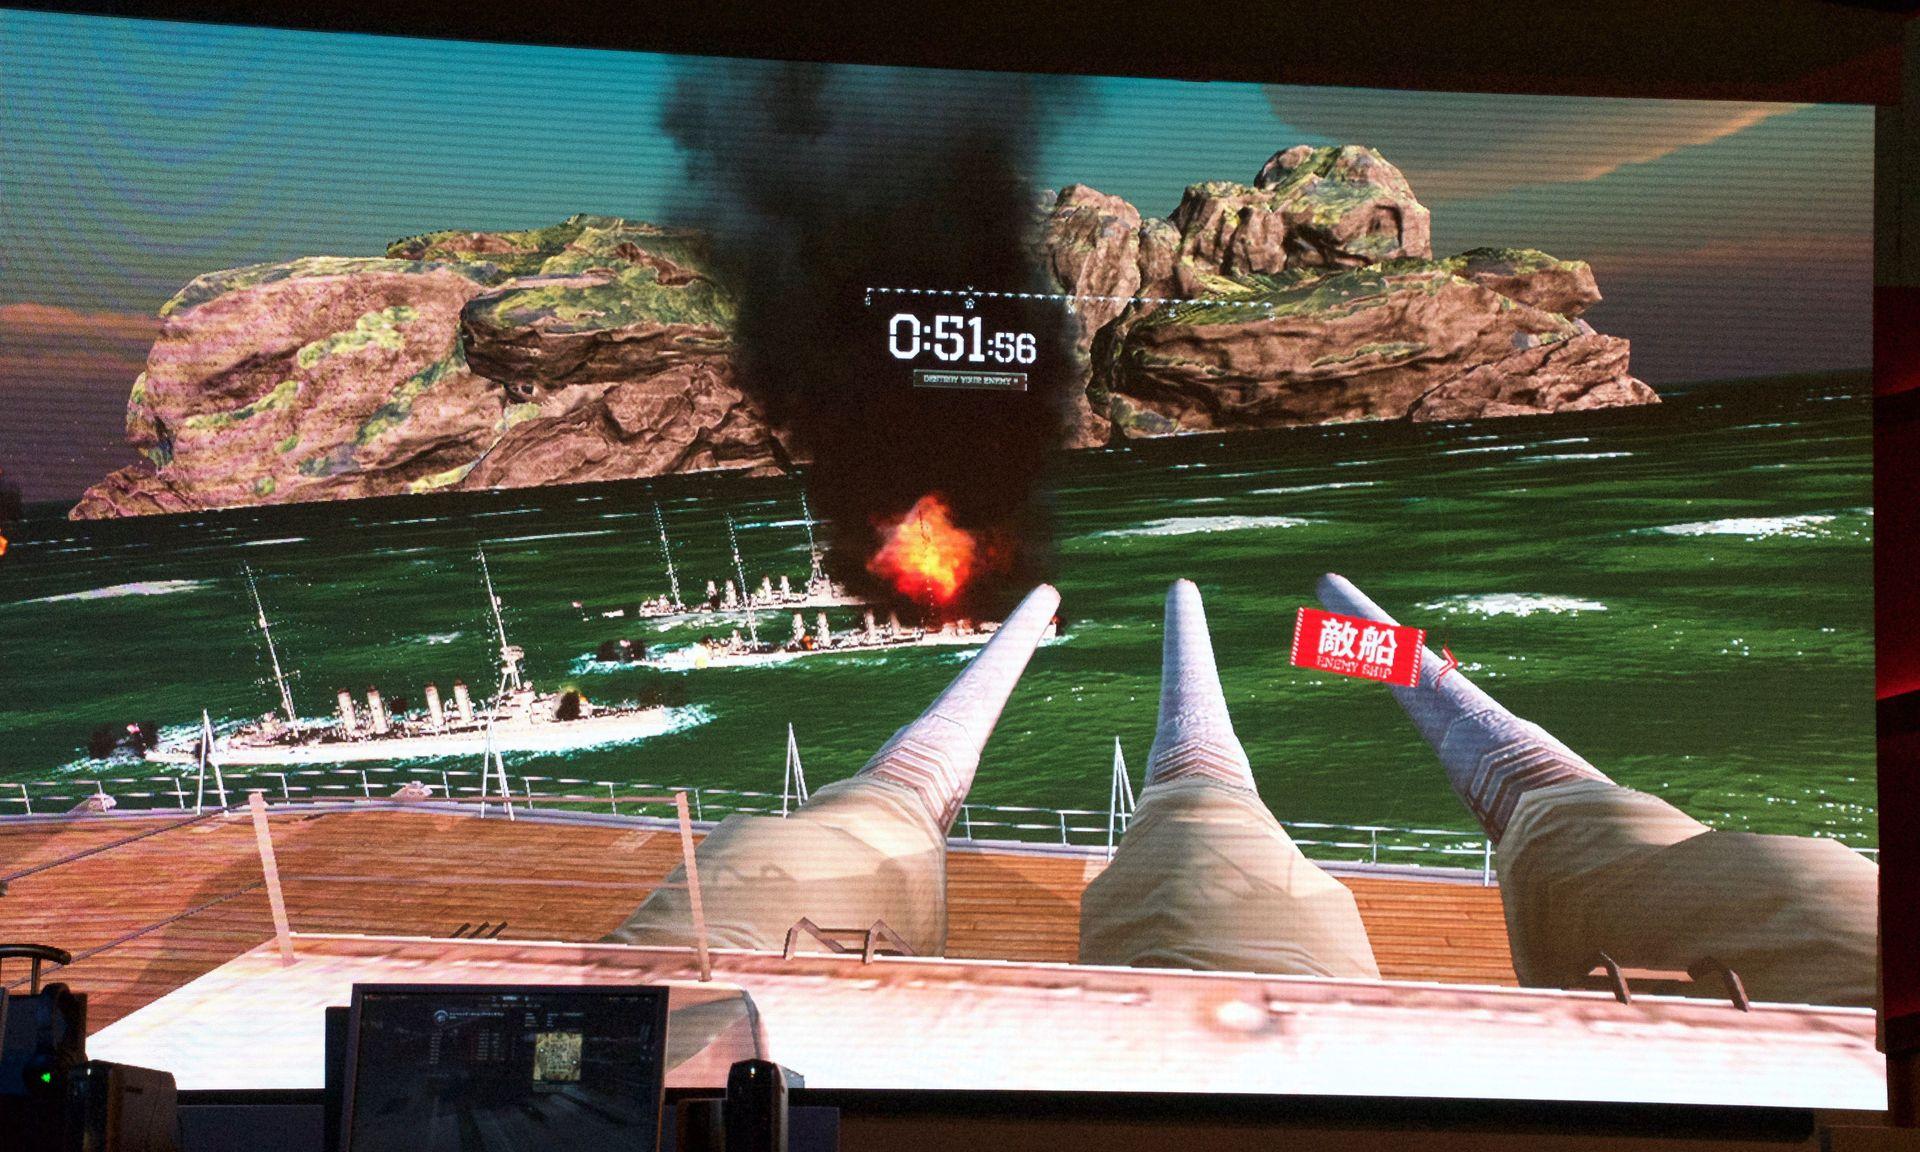 「World of Warships」をVR(HTC Vive)で体験できるブースも登場。大和の主砲を連射するだけの特別版だが、迫力と爽快感は最強!